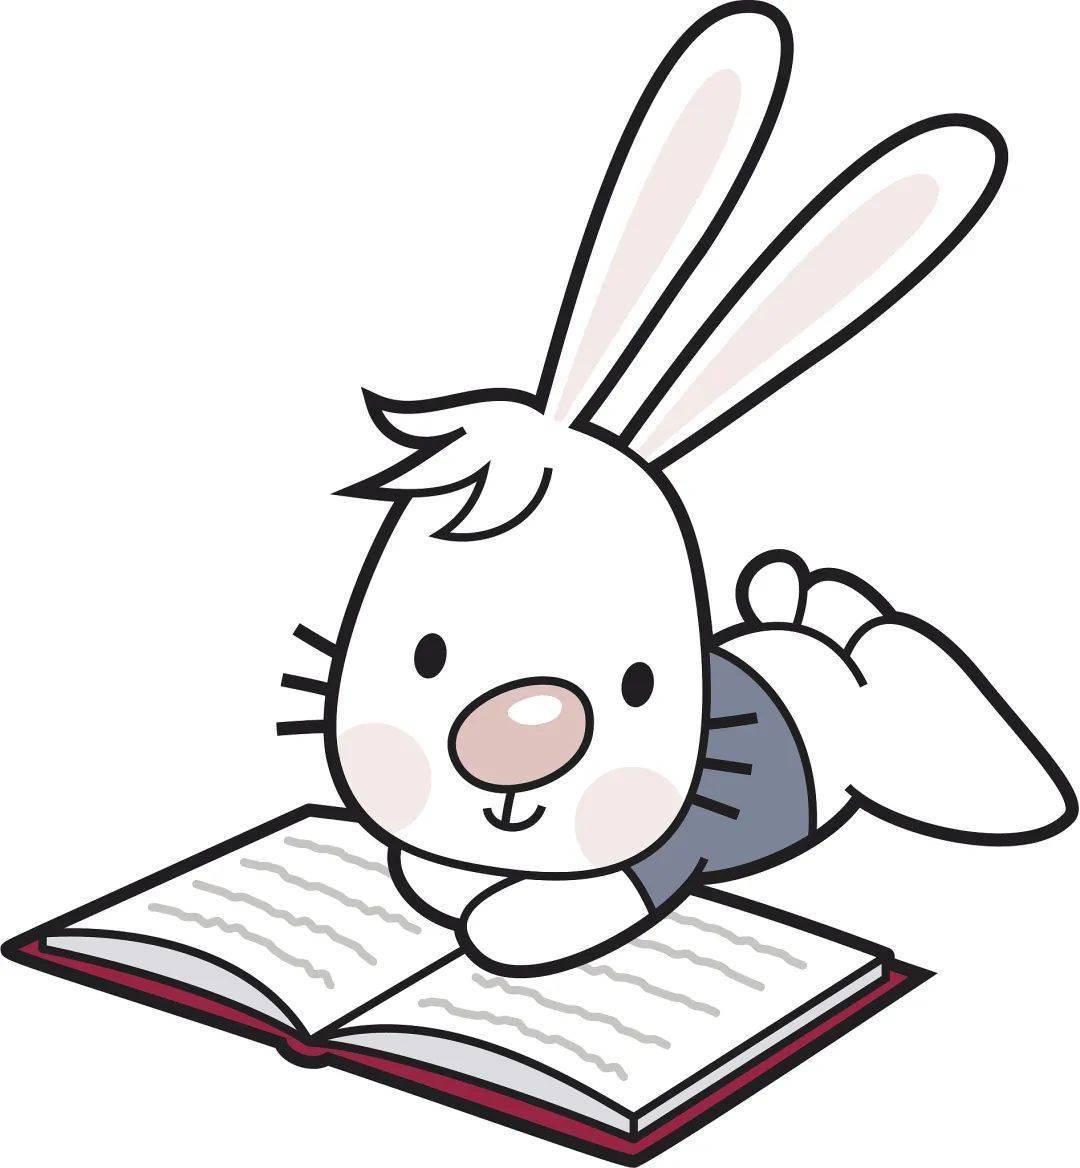 聪明的兔子法官